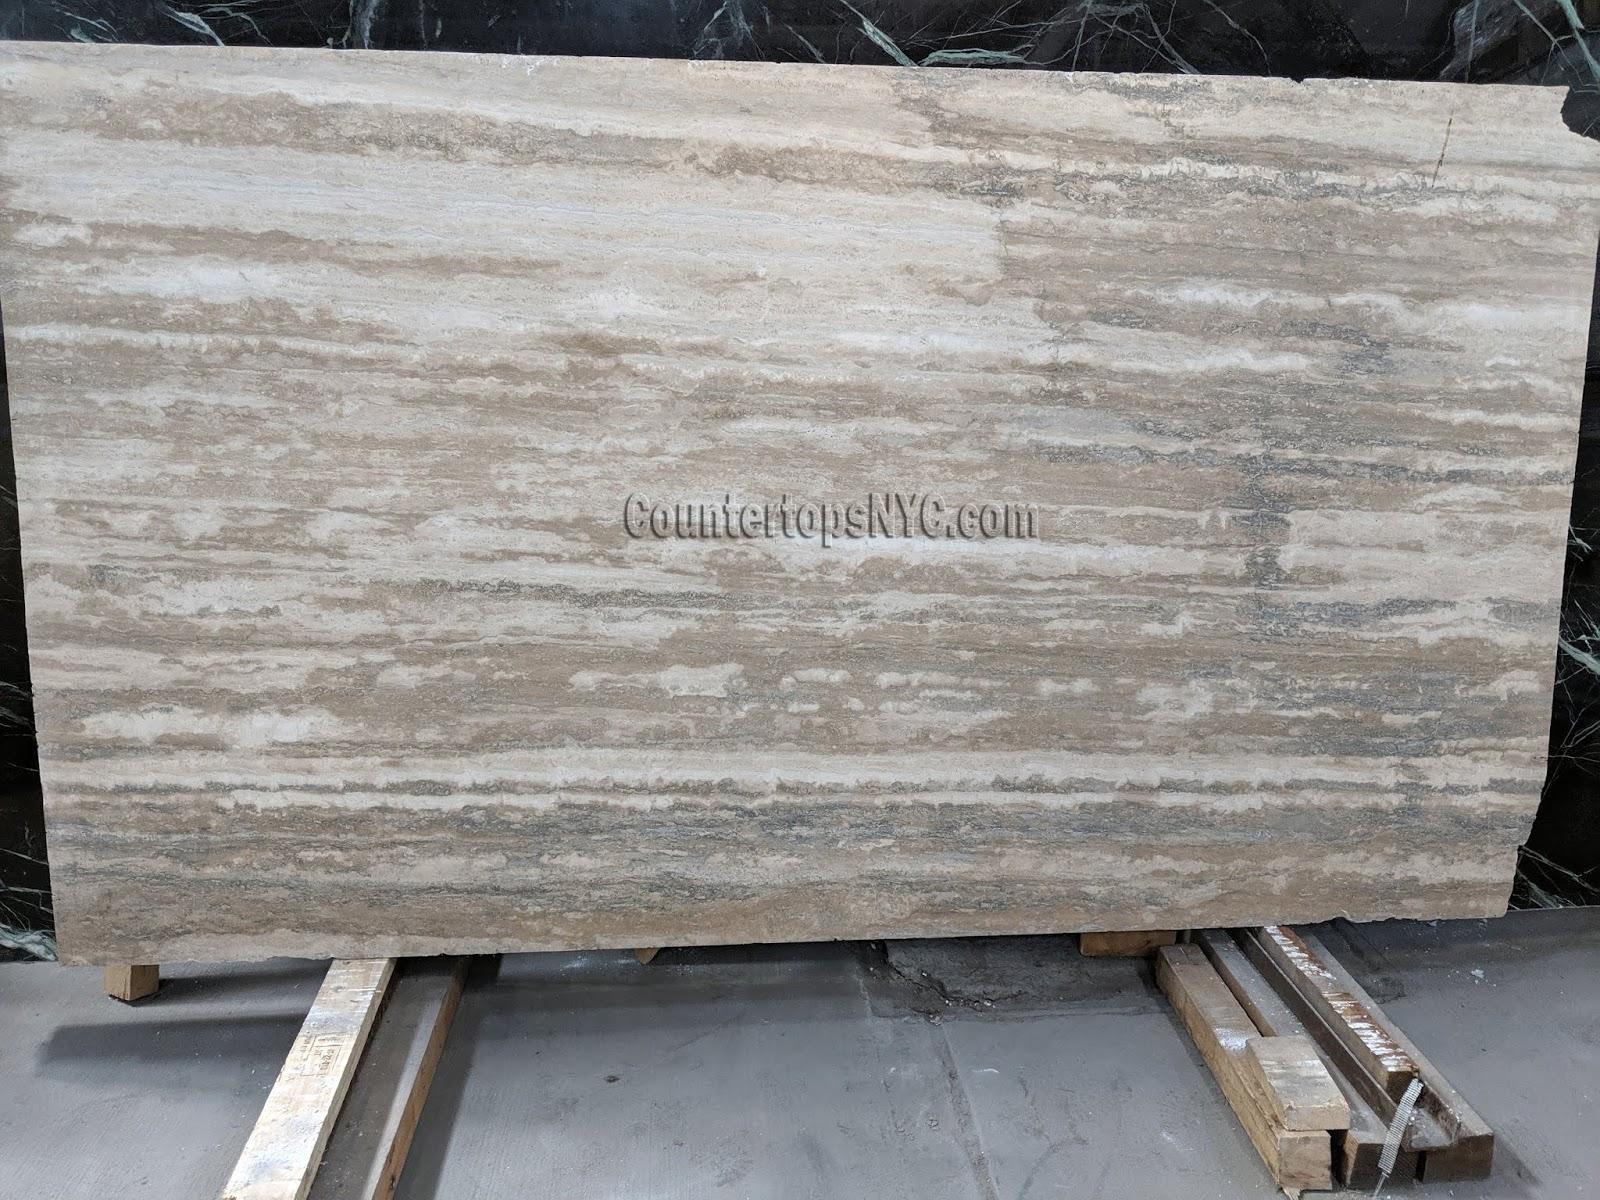 Travertine slabs / Travertine Countertops NYC – Countertops NYC